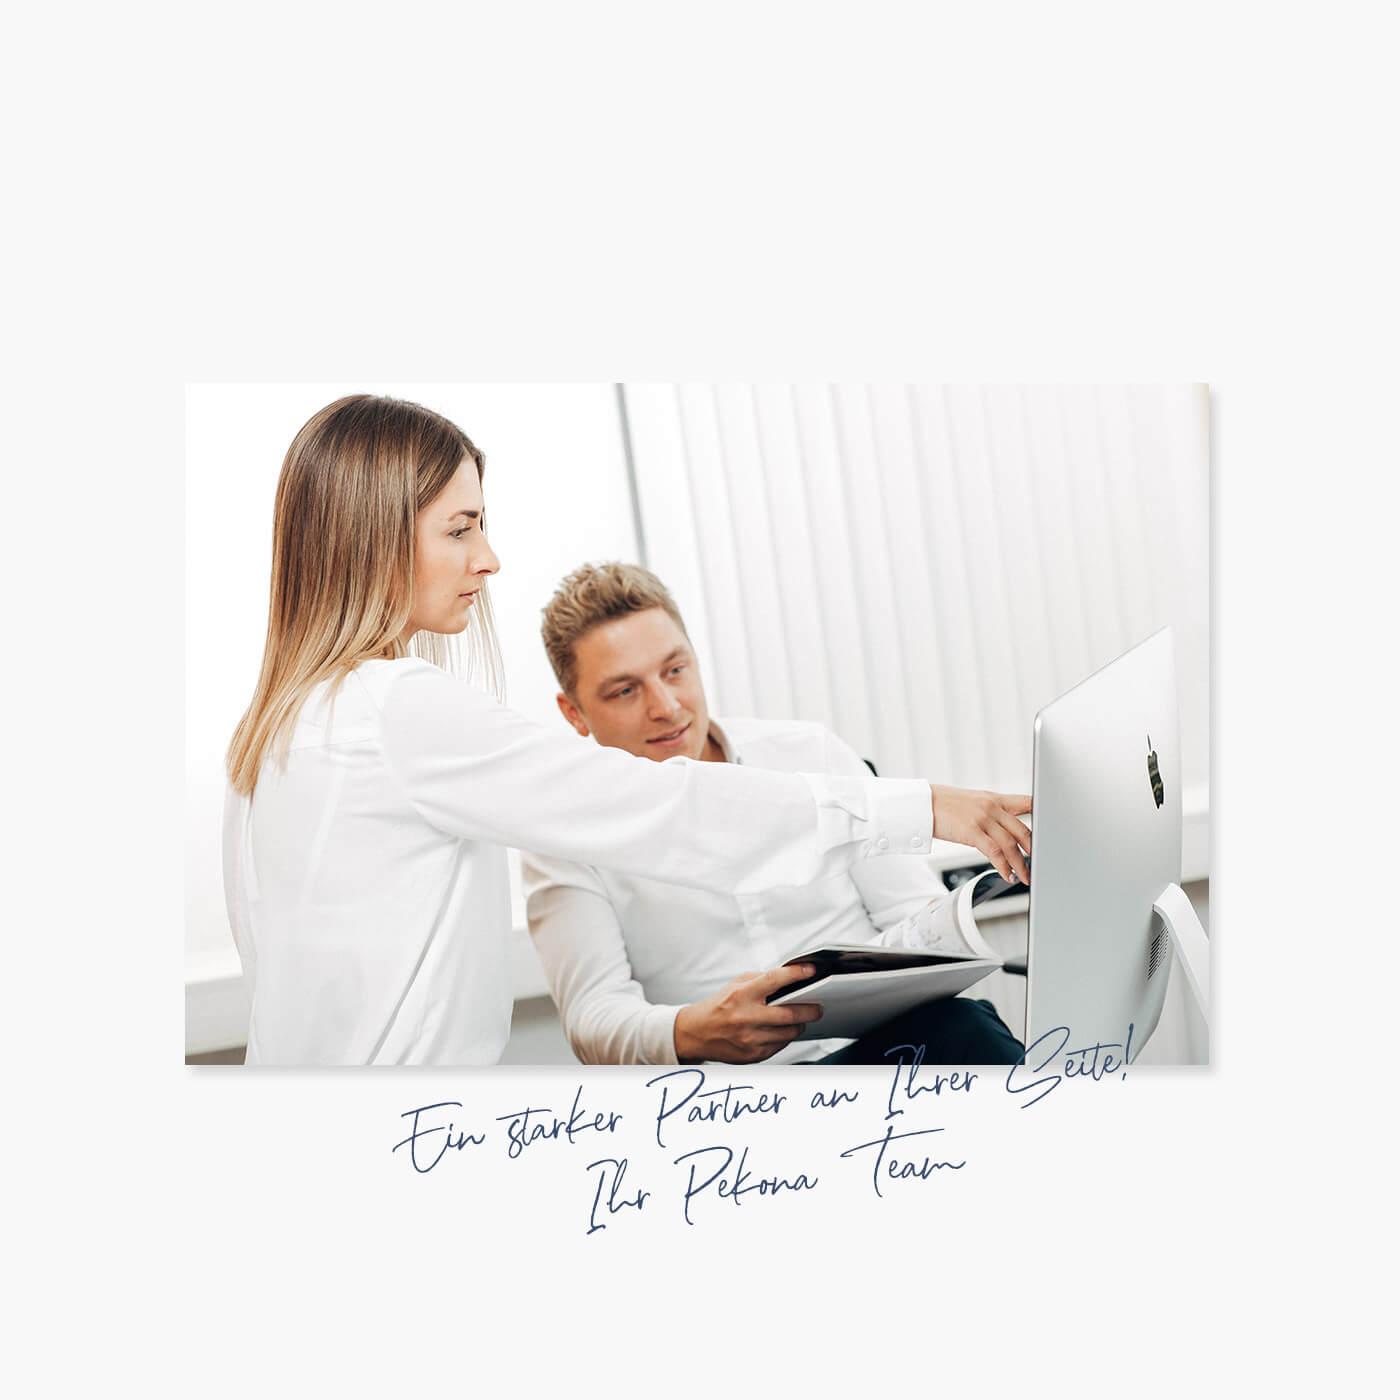 Auf dem Bild sieht man zwei Menschen am Bildschirm arbeiten.